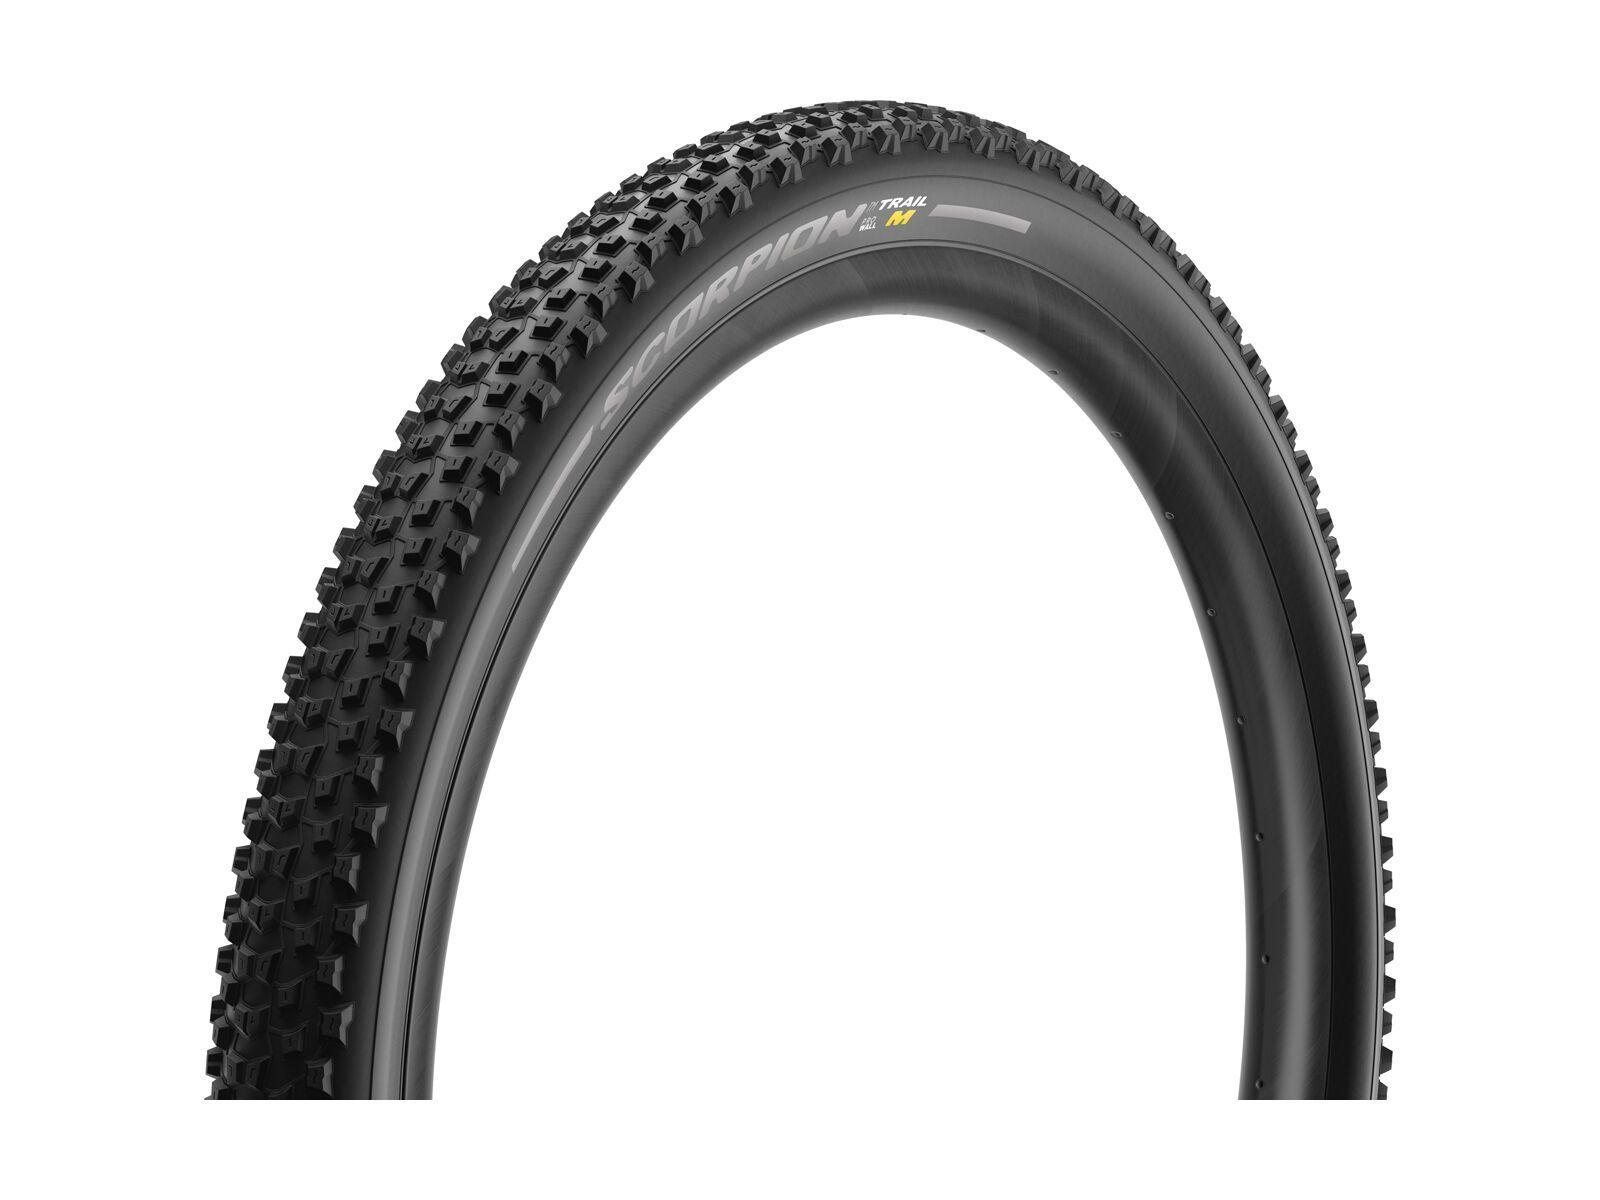 Pirelli Scorpion Trail M ProWall - 29 Zoll 29x2.4 335031001